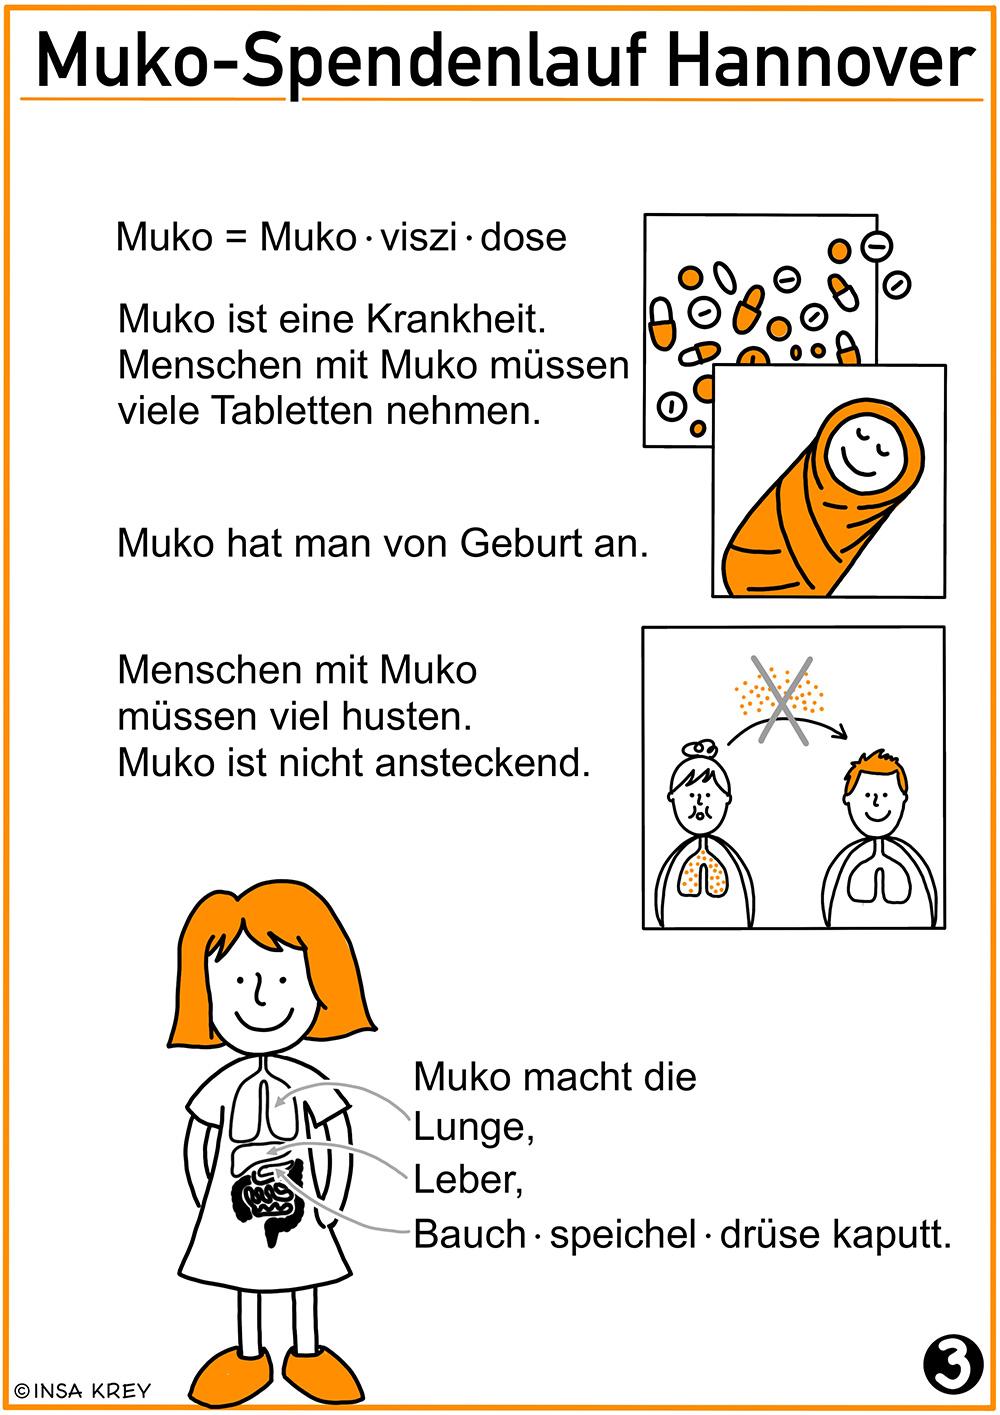 Texte und Bilder in einfacher Sprache zum Muko-Lauf Hannover - Was ist Muko?